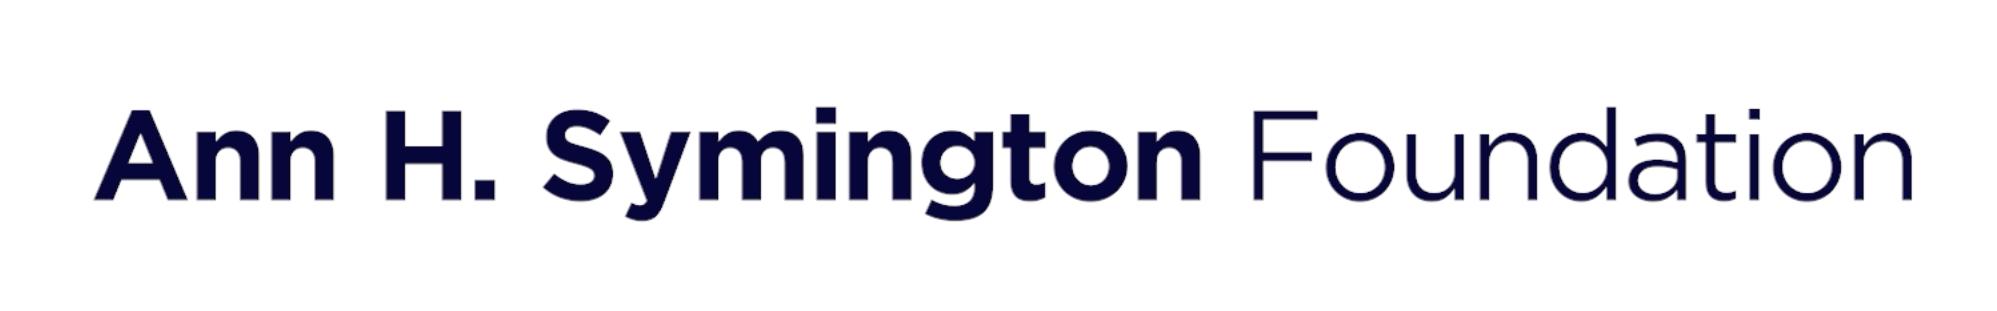 Ann H Symington Foundation.png